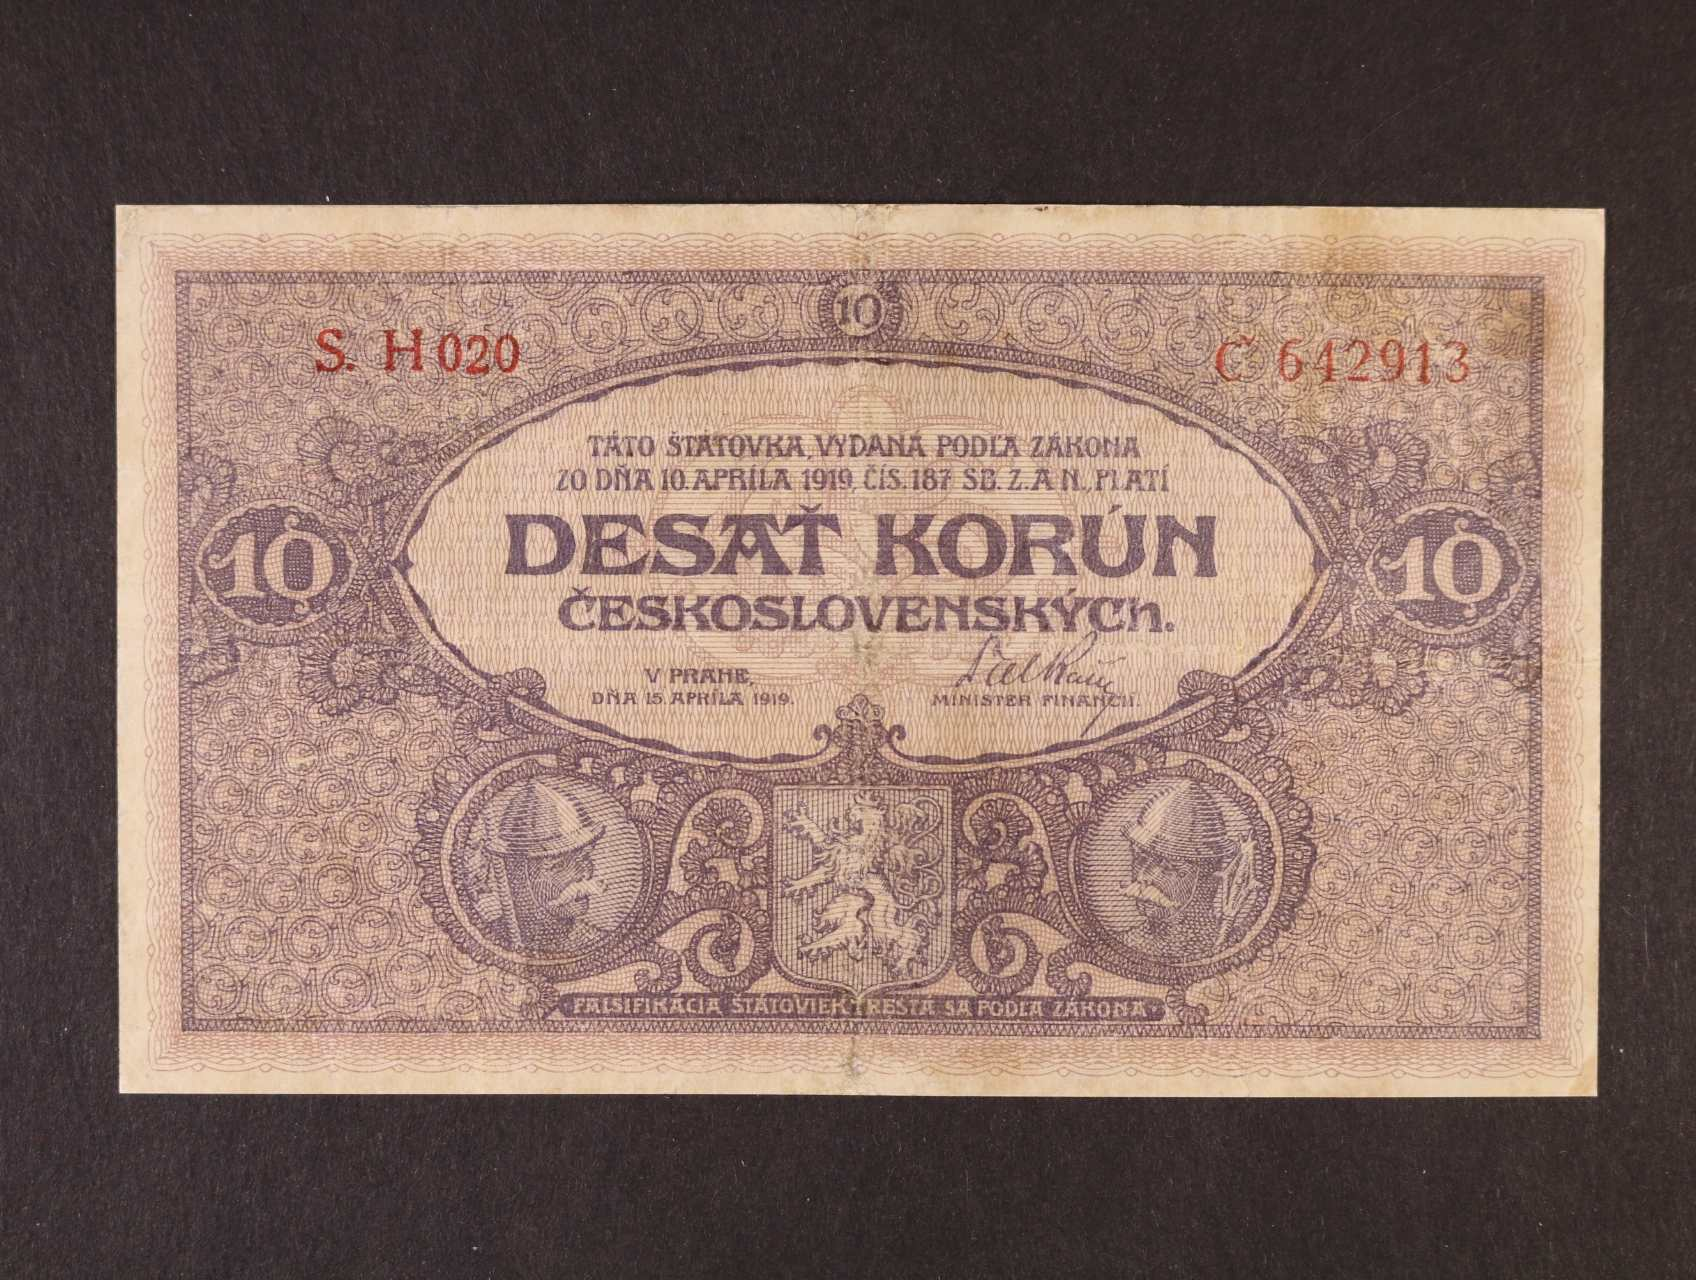 10 Kč 15.4.1919 série H 020, Ba. 9a, Pi. 8